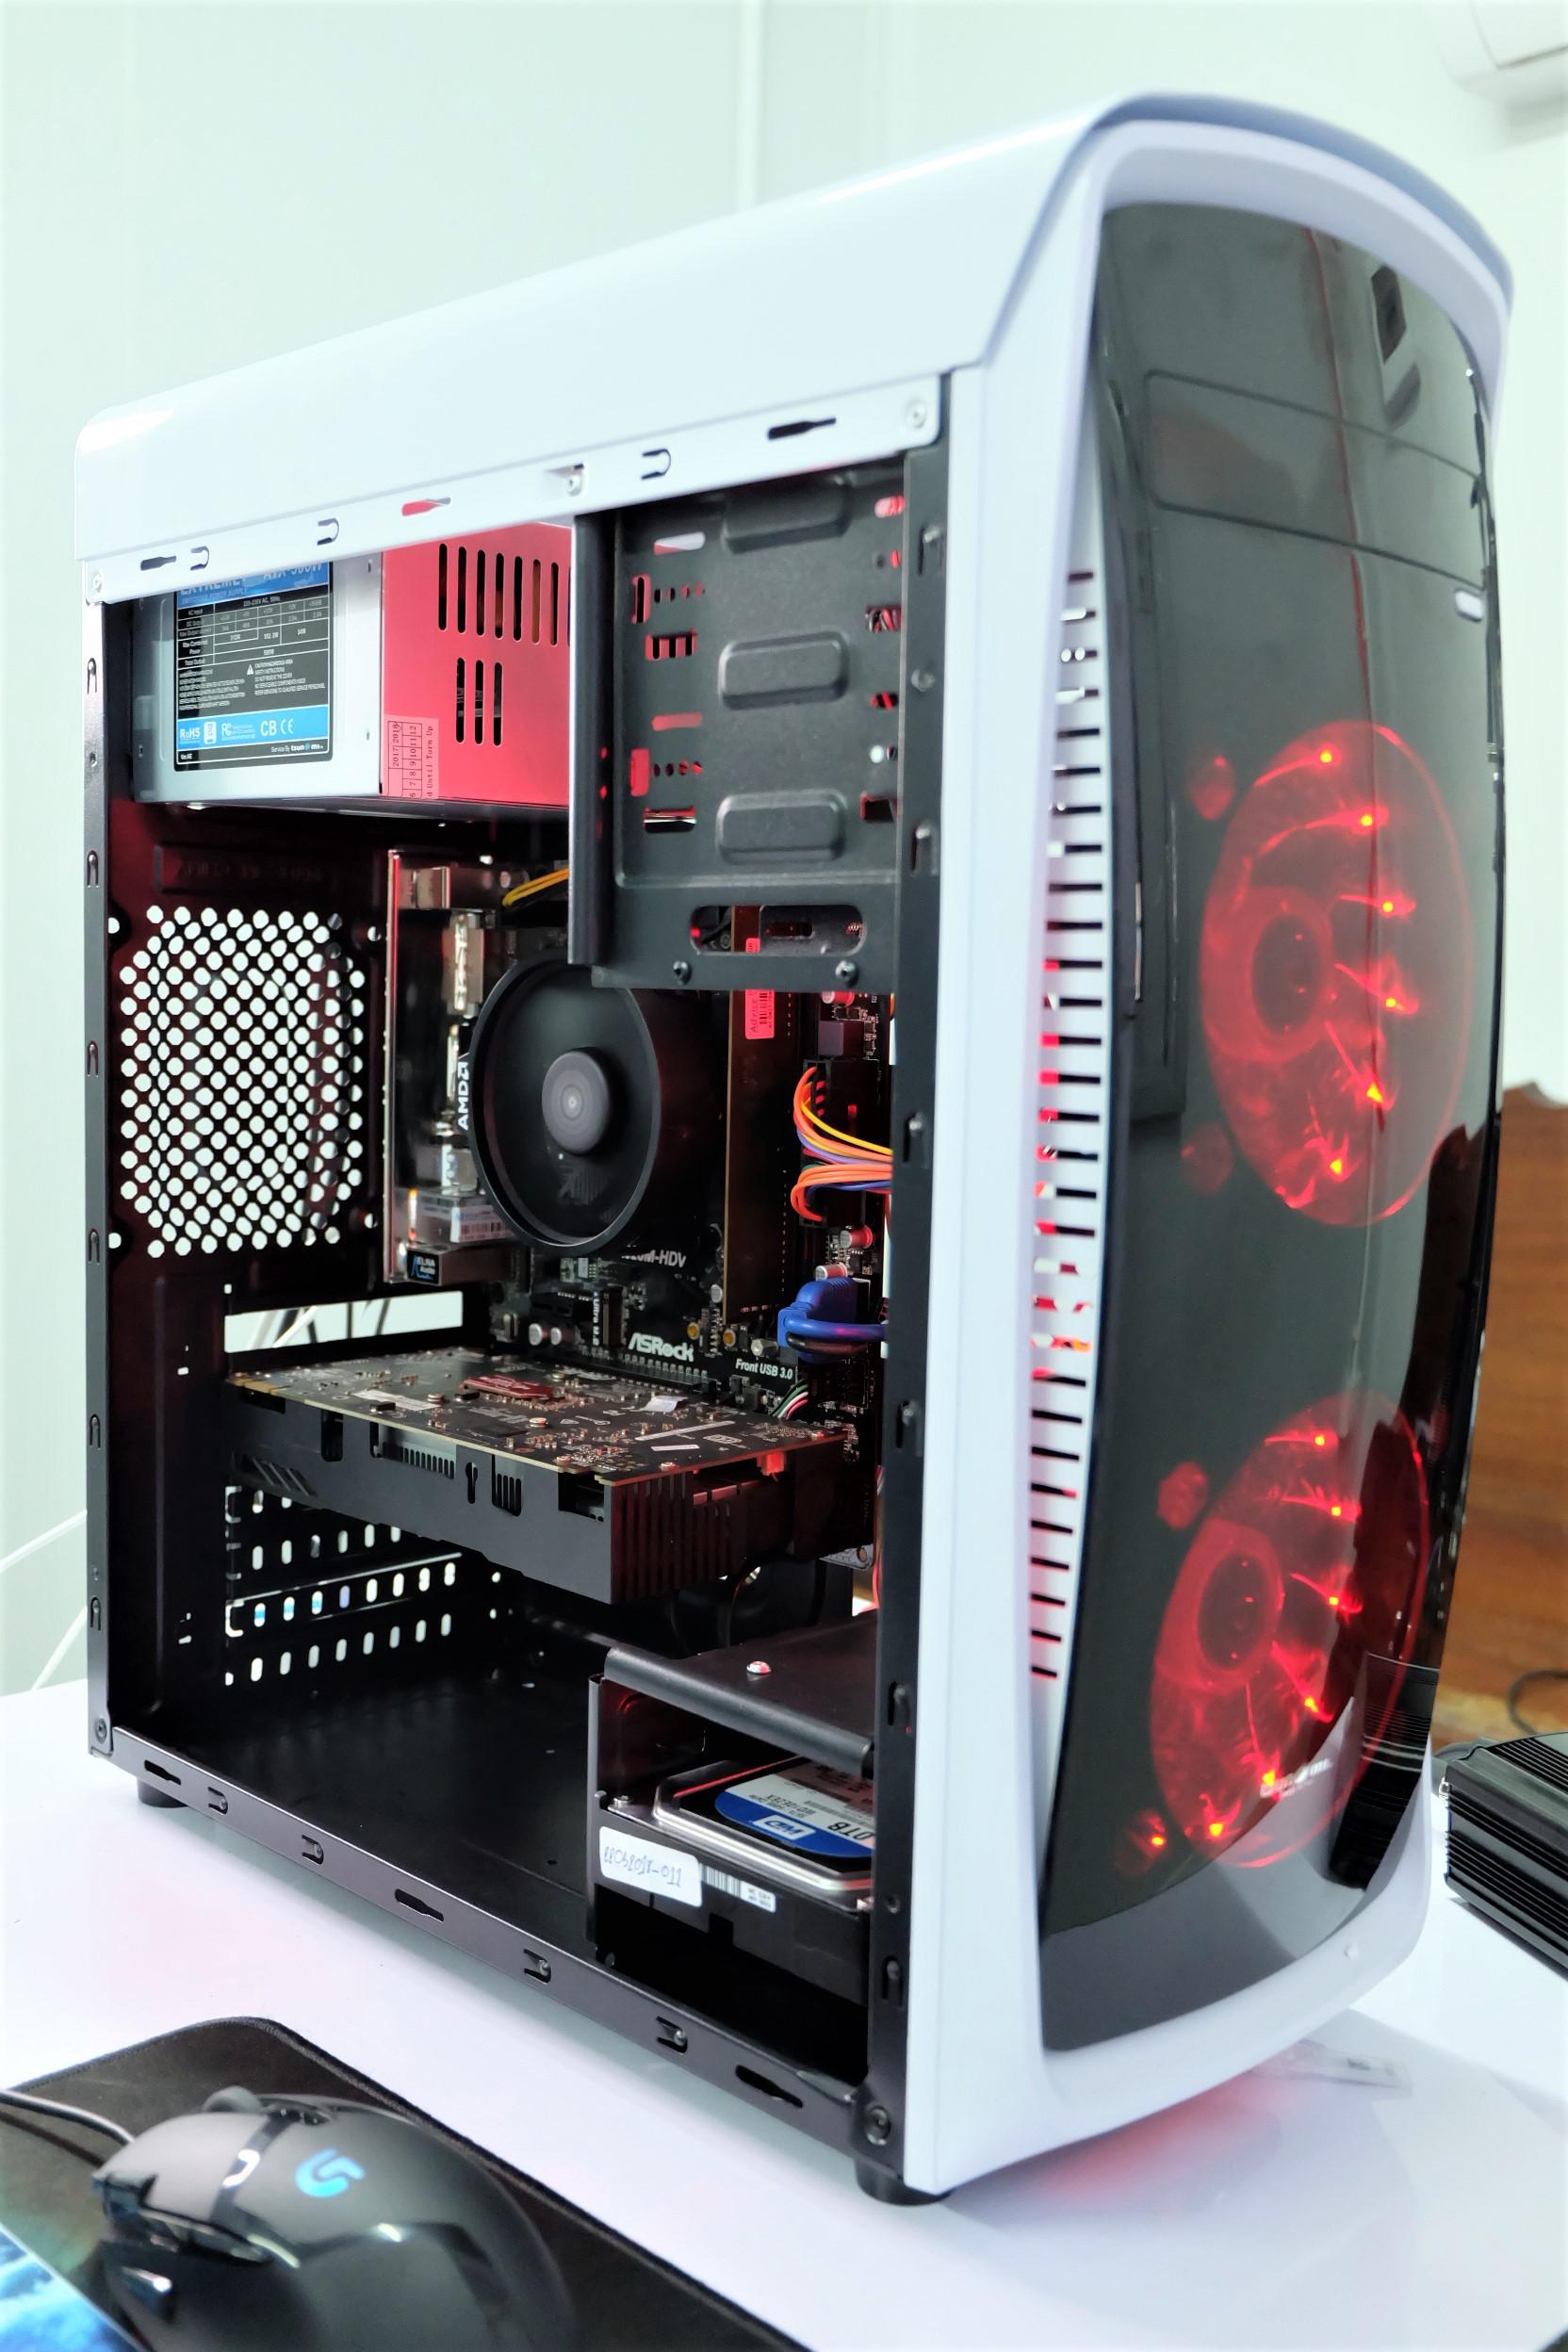 *ของใหม่* AMD RYZEN 3 2200G Turbo 3.7Ghz / 8GB DDR4 / GTX 750Ti 2GB / 580w *อัพเกรดได้*